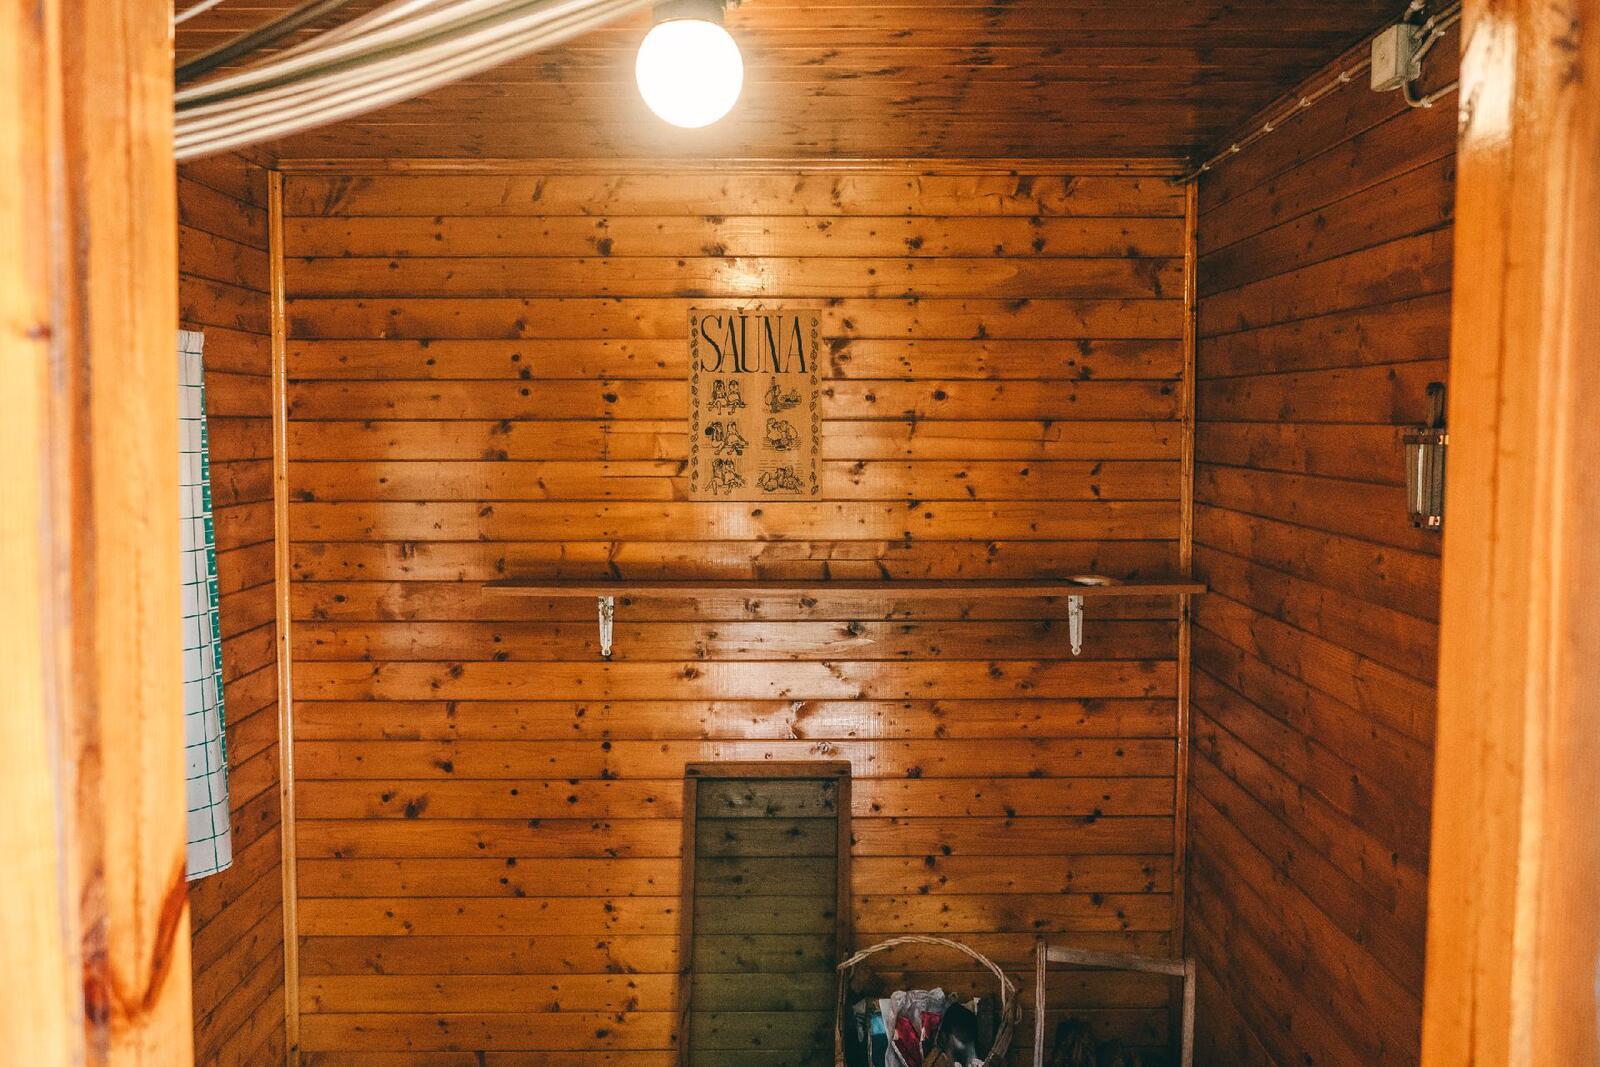 Saunarakennuksen pukeutumistila